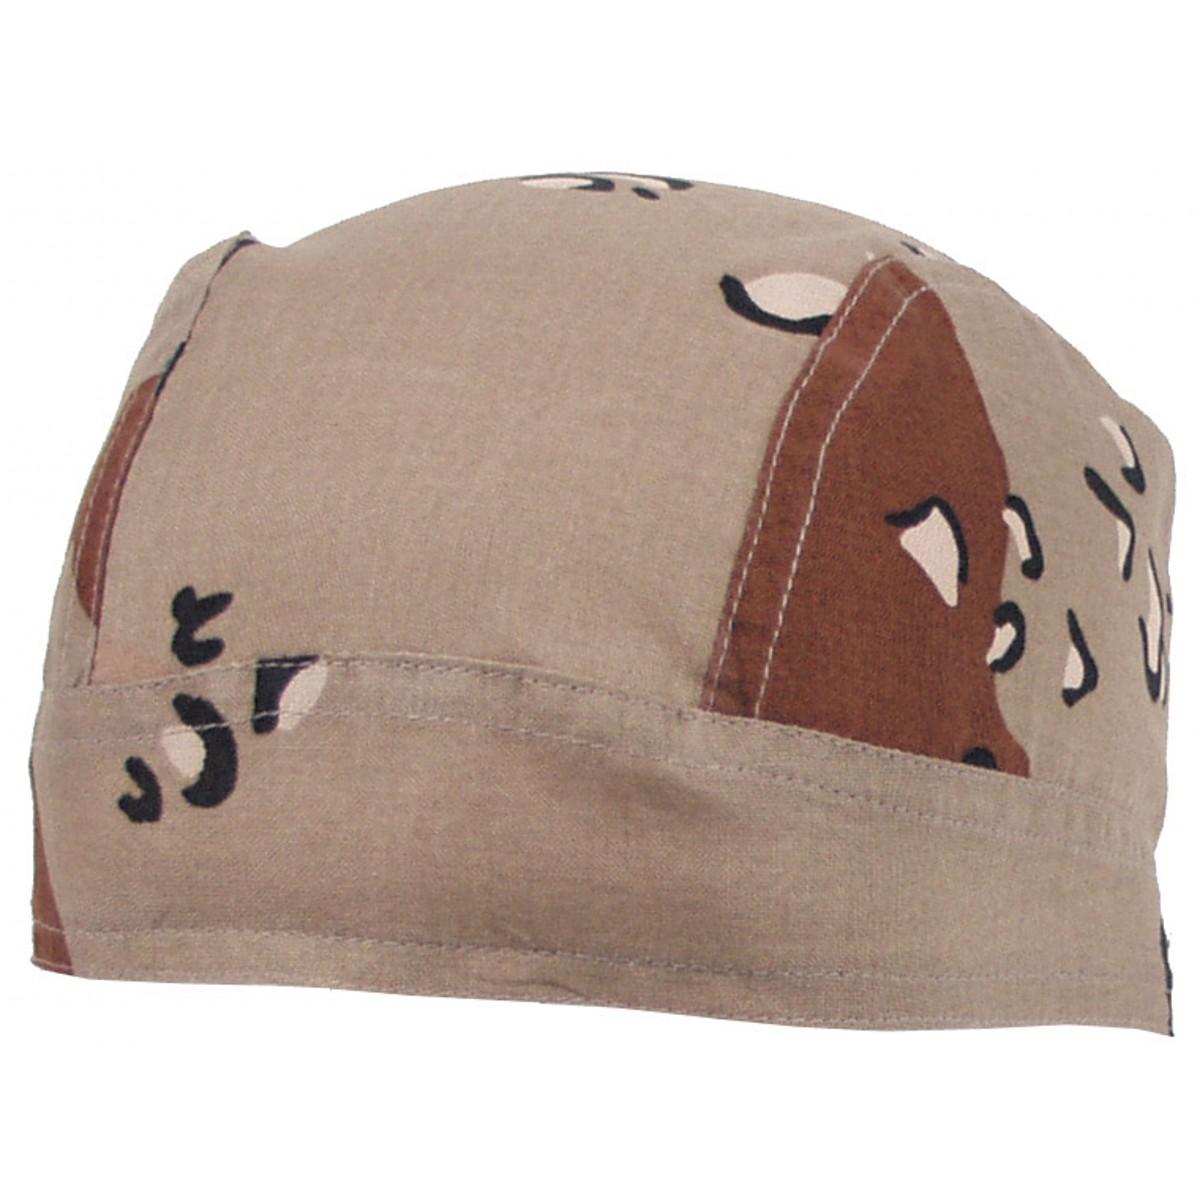 Headwrap - 6-desert